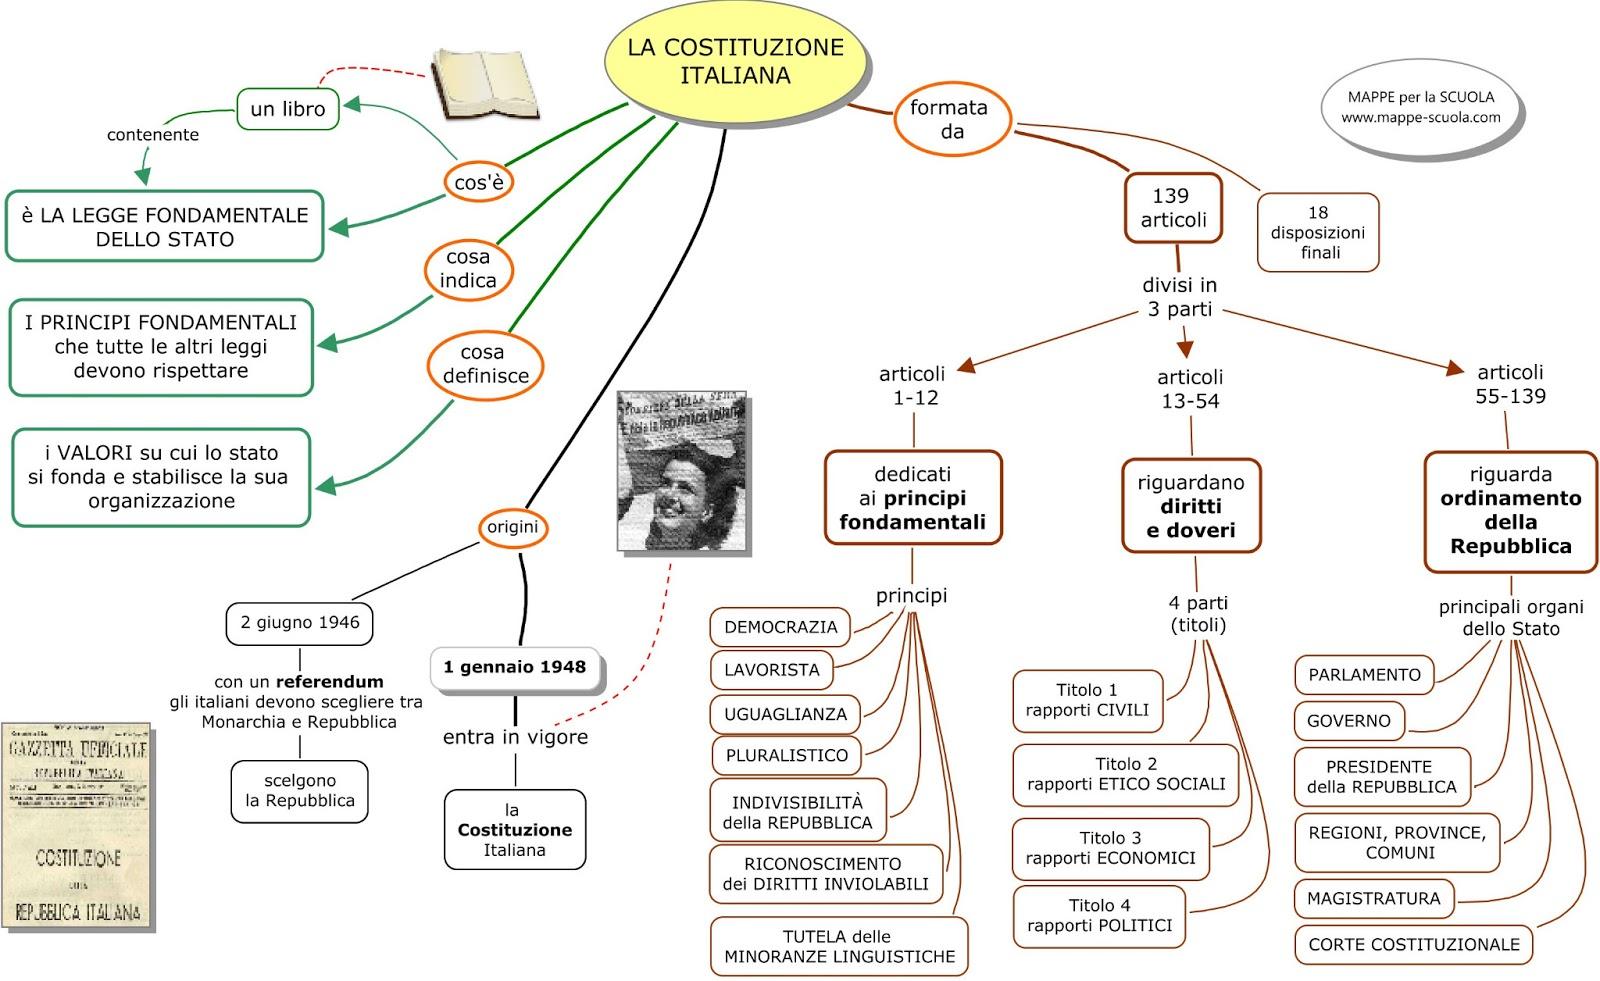 Mappe per la scuola la costituzione italiana for Costituzione parlamento italiano